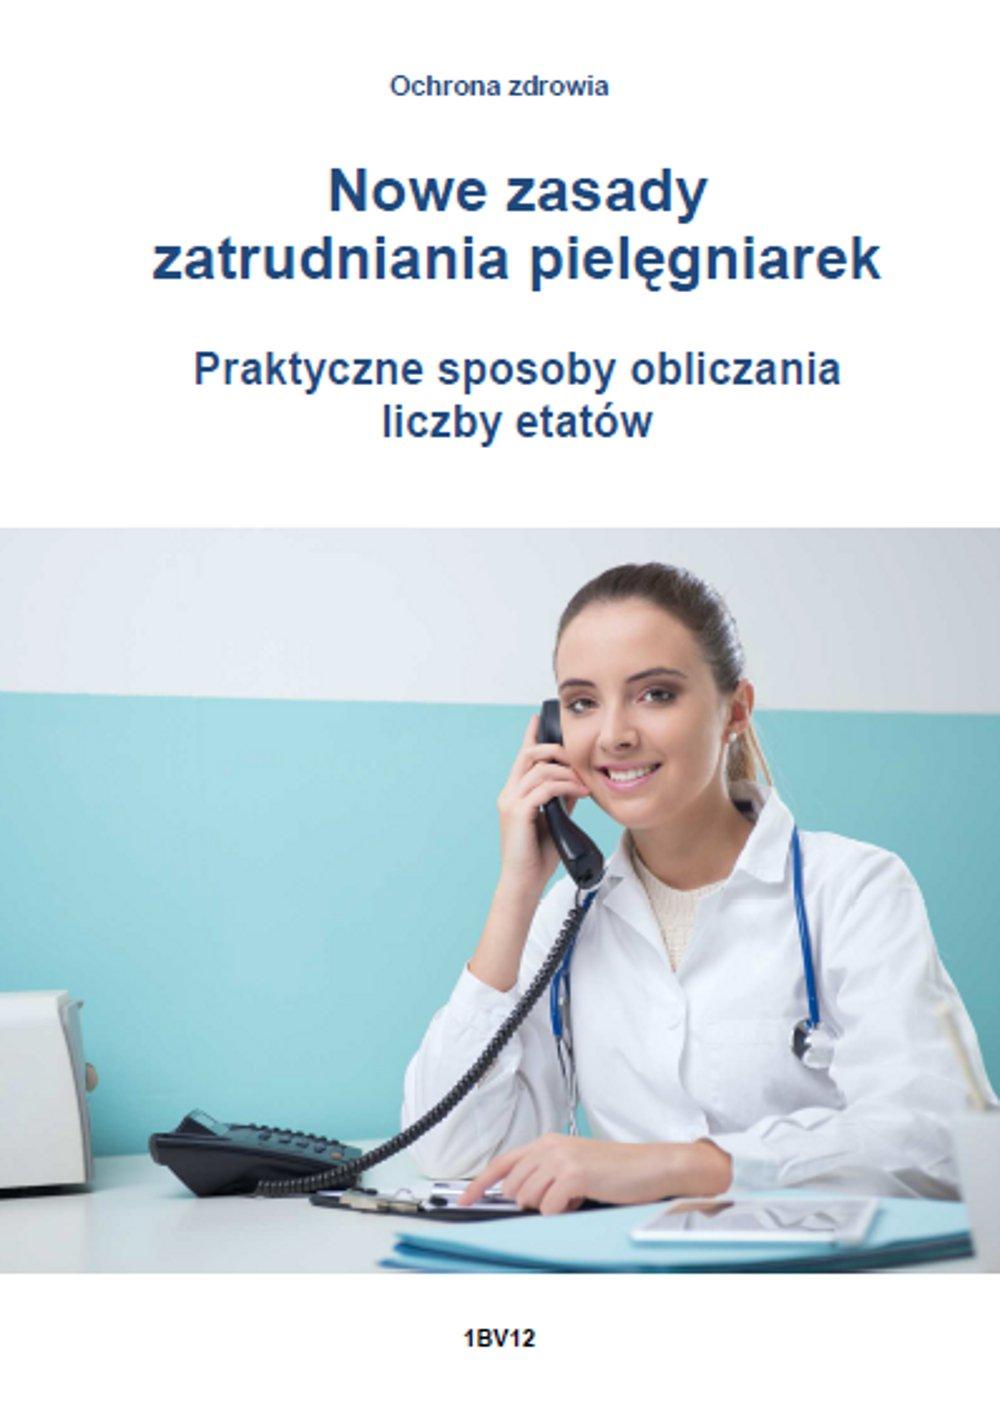 Nowe zasady zatrudniania pielęgniarek. Praktyczne sposoby obliczania liczby etatów - Ebook (Książka PDF) do pobrania w formacie PDF